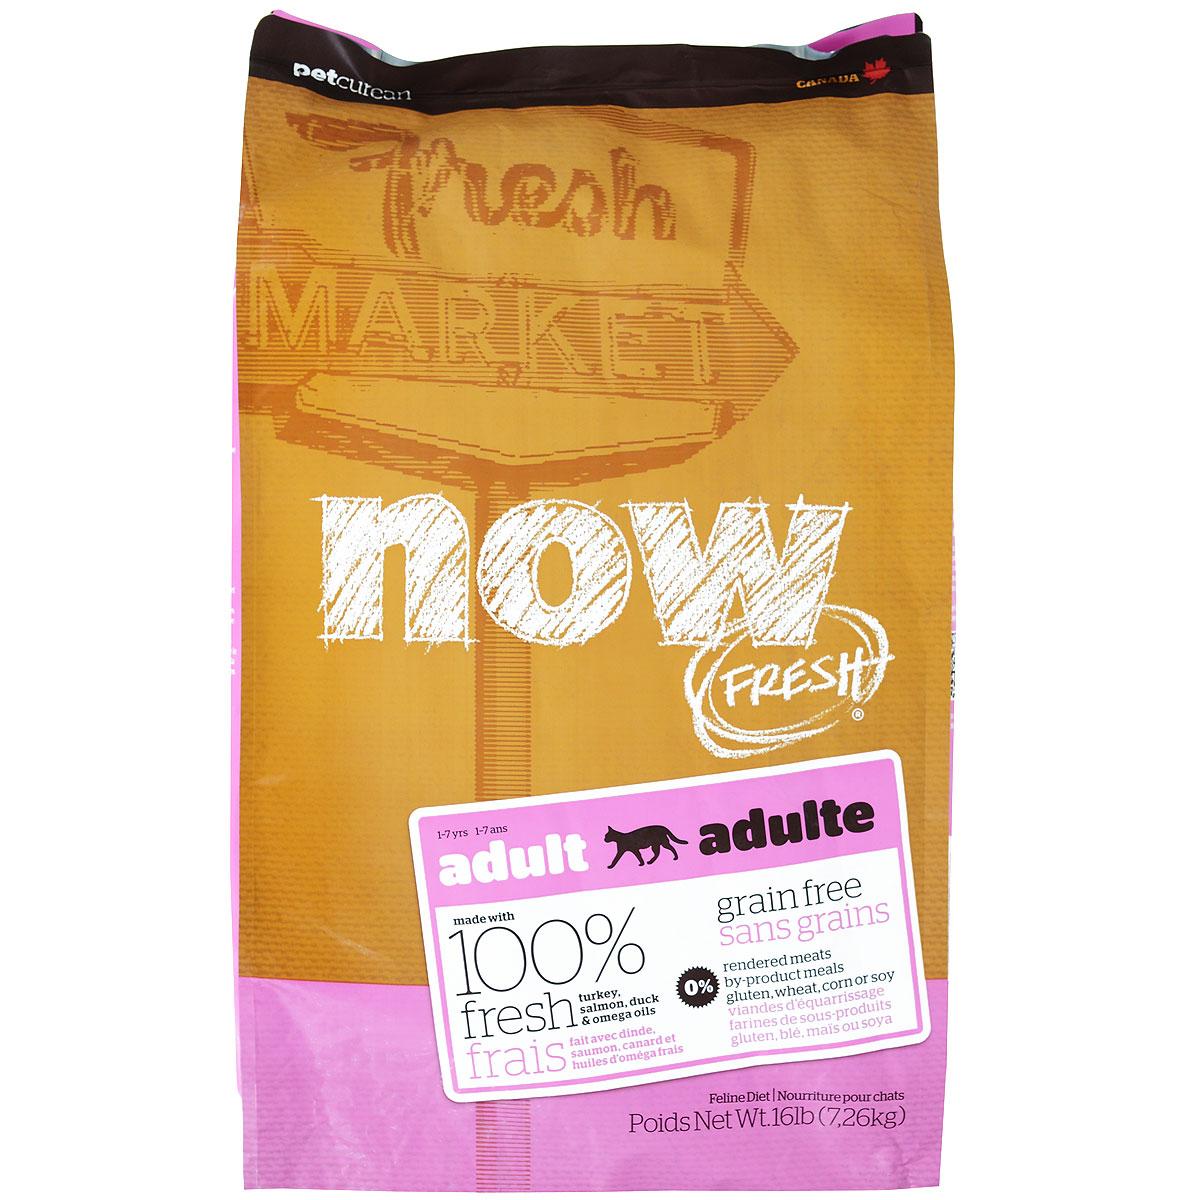 Корм сухой Now Fresh для взрослых кошек, беззерновой, с индейкой, уткой и овощами, 7,26 кг0120710Now Fresh - полностью сбалансированный холистик корм из свежего филе индейки и утки, выращенных на канадских фермах. При производстве кормов используется только свежее мясо индейки, утки, лосося, кокосовое и рапсовое масло. Это первый беззерновой корм со сбалансированным содержание белков и жиров. Ключевые преимущества: - полностью беззерновой,- не содержит субпродуктов, красителей, говядины, мясных ингредиентов, выращенных на гормонах, - оптимальное соотношение белков и жиров помогает кошек оставаться здоровым и сохранять отличную форму,- докозагексаеновая кислота (DHA) и эйкозапентаеновая кислота (EPA) необходима для нормальной деятельности мозга и здорового зрения,- пробиотики и пребиотики обеспечивают здоровое пищеварение,- таурин необходим для здоровья глаз и нормального функционирования сердечной мышцы,- омега-масла в составе необходимы для здоровой кожи и шерсти,- антиоксиданты укрепляют иммунную систему. Состав: филе индейки, картофель, горох, свежие цельные яйца, томаты, масло канолы (источник витамина Е), семена льна, натуральный ароматизатор, филе лосося, утиное филе, кокосовое масло (источник витамина Е), яблоки, морковь, тыква, бананы, черника, клюква, малина, ежевика, папайя, ананас, грейпфрут, чечевица, брокколи, шпинат, творог, ростки люцерны, дикальций фосфат, люцерна, карбонат кальция, фосфорная кислота, натрия хлорид, лецитин, хлорид калия, DL-метионин, таурин, витамины (витамин Е, L-аскорбил-2-полифосфатов (источник витамина С), никотиновая кислота, инозит, витамин А, тиамин, амононитрат, пантотенат D-кальция, пиридоксинагидрохлорид, рибофлавин, бета-каротин, витамин D3, фолиевая кислота, биотин, витаминВ12), минералы (протеинат цинка, сульфат железа, оксид цинка, протеинат железа, сульфат меди, протеинат меди, протеинат марганца, оксид марганца, йодат кальция, селенит натрия), сушеные водоросли, L-лизин, сухой корень цикория, Lactobacillus, Enterococ